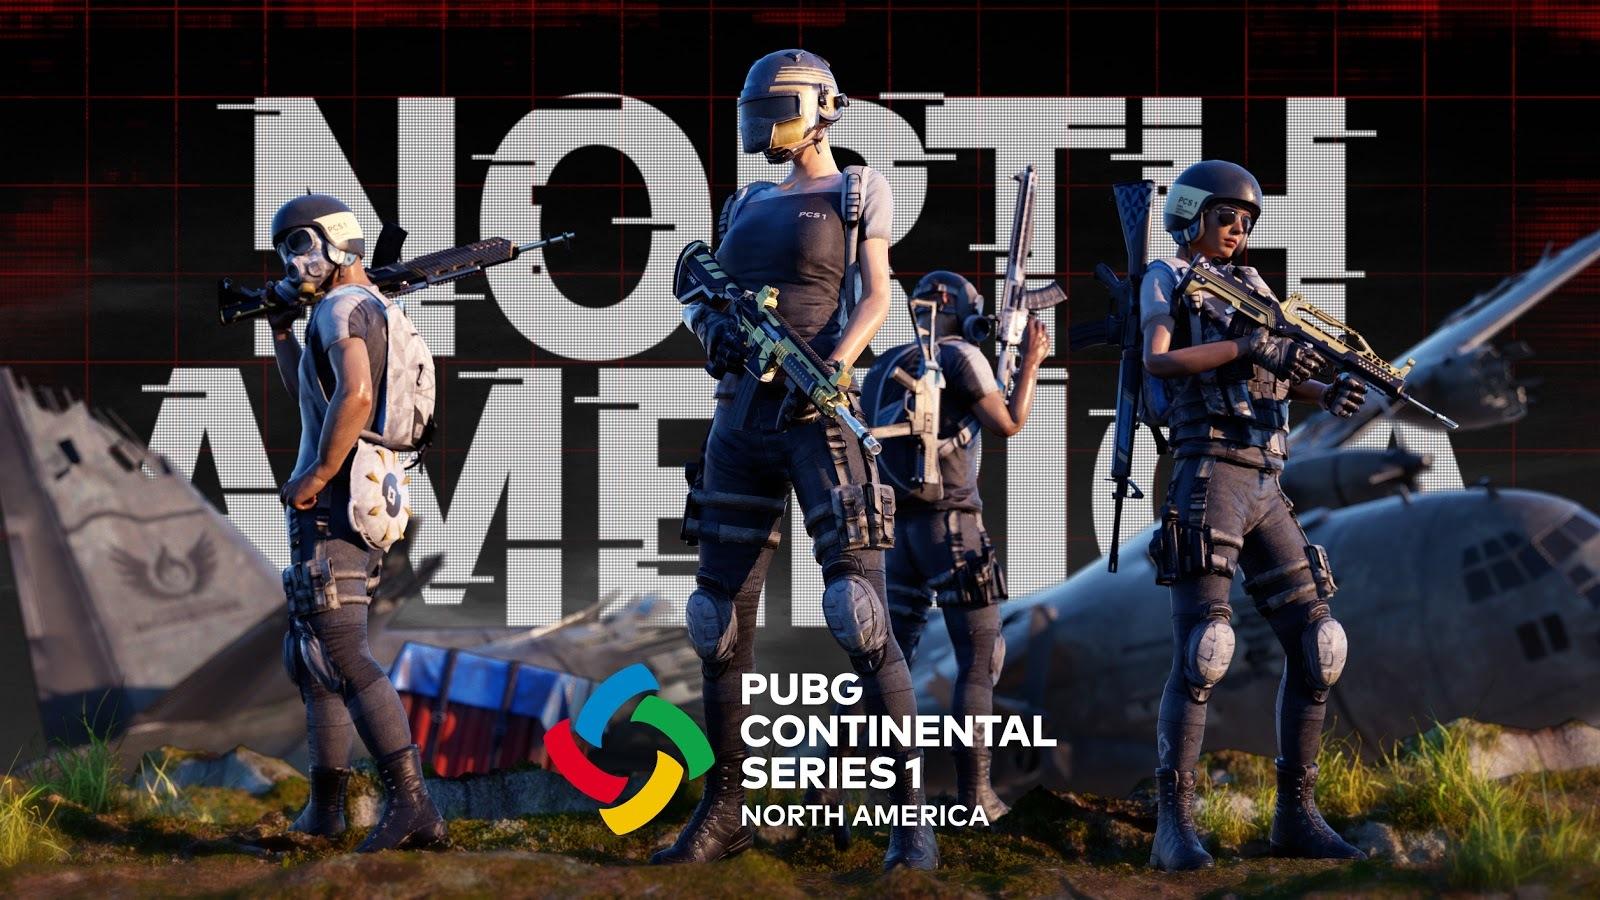 Free Pubg Png Images Pubg Transparent Background Download Pinpng